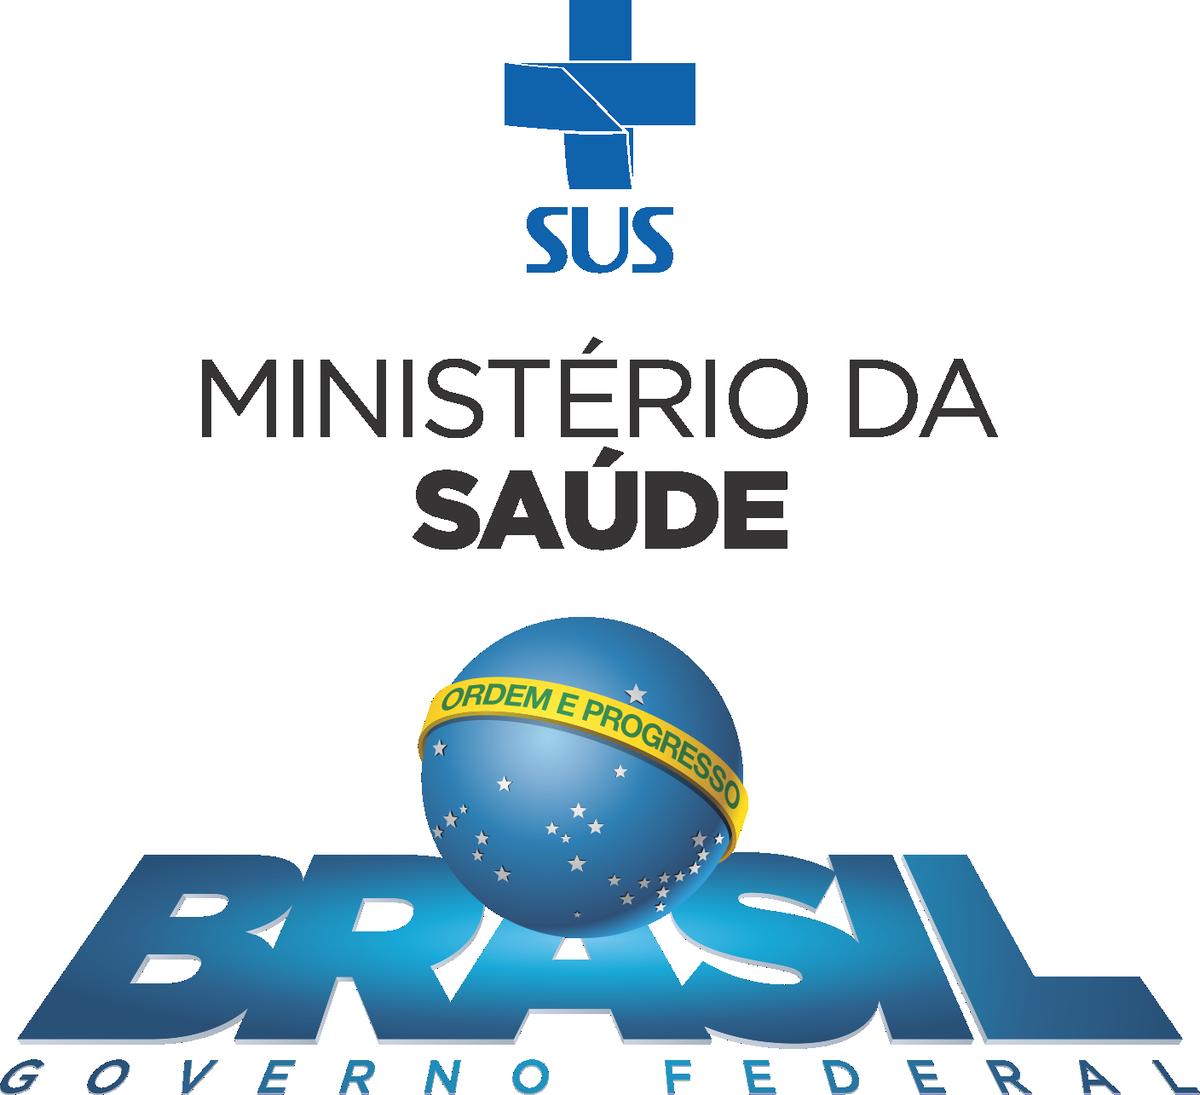 BRASIL: MINISTÉRIO DA SAÚDE VAI LANÇAR EDITAL PARA REPOR SAÍDA DE MÉDICOS CUBANOS AINDA EM NOVEMBRO